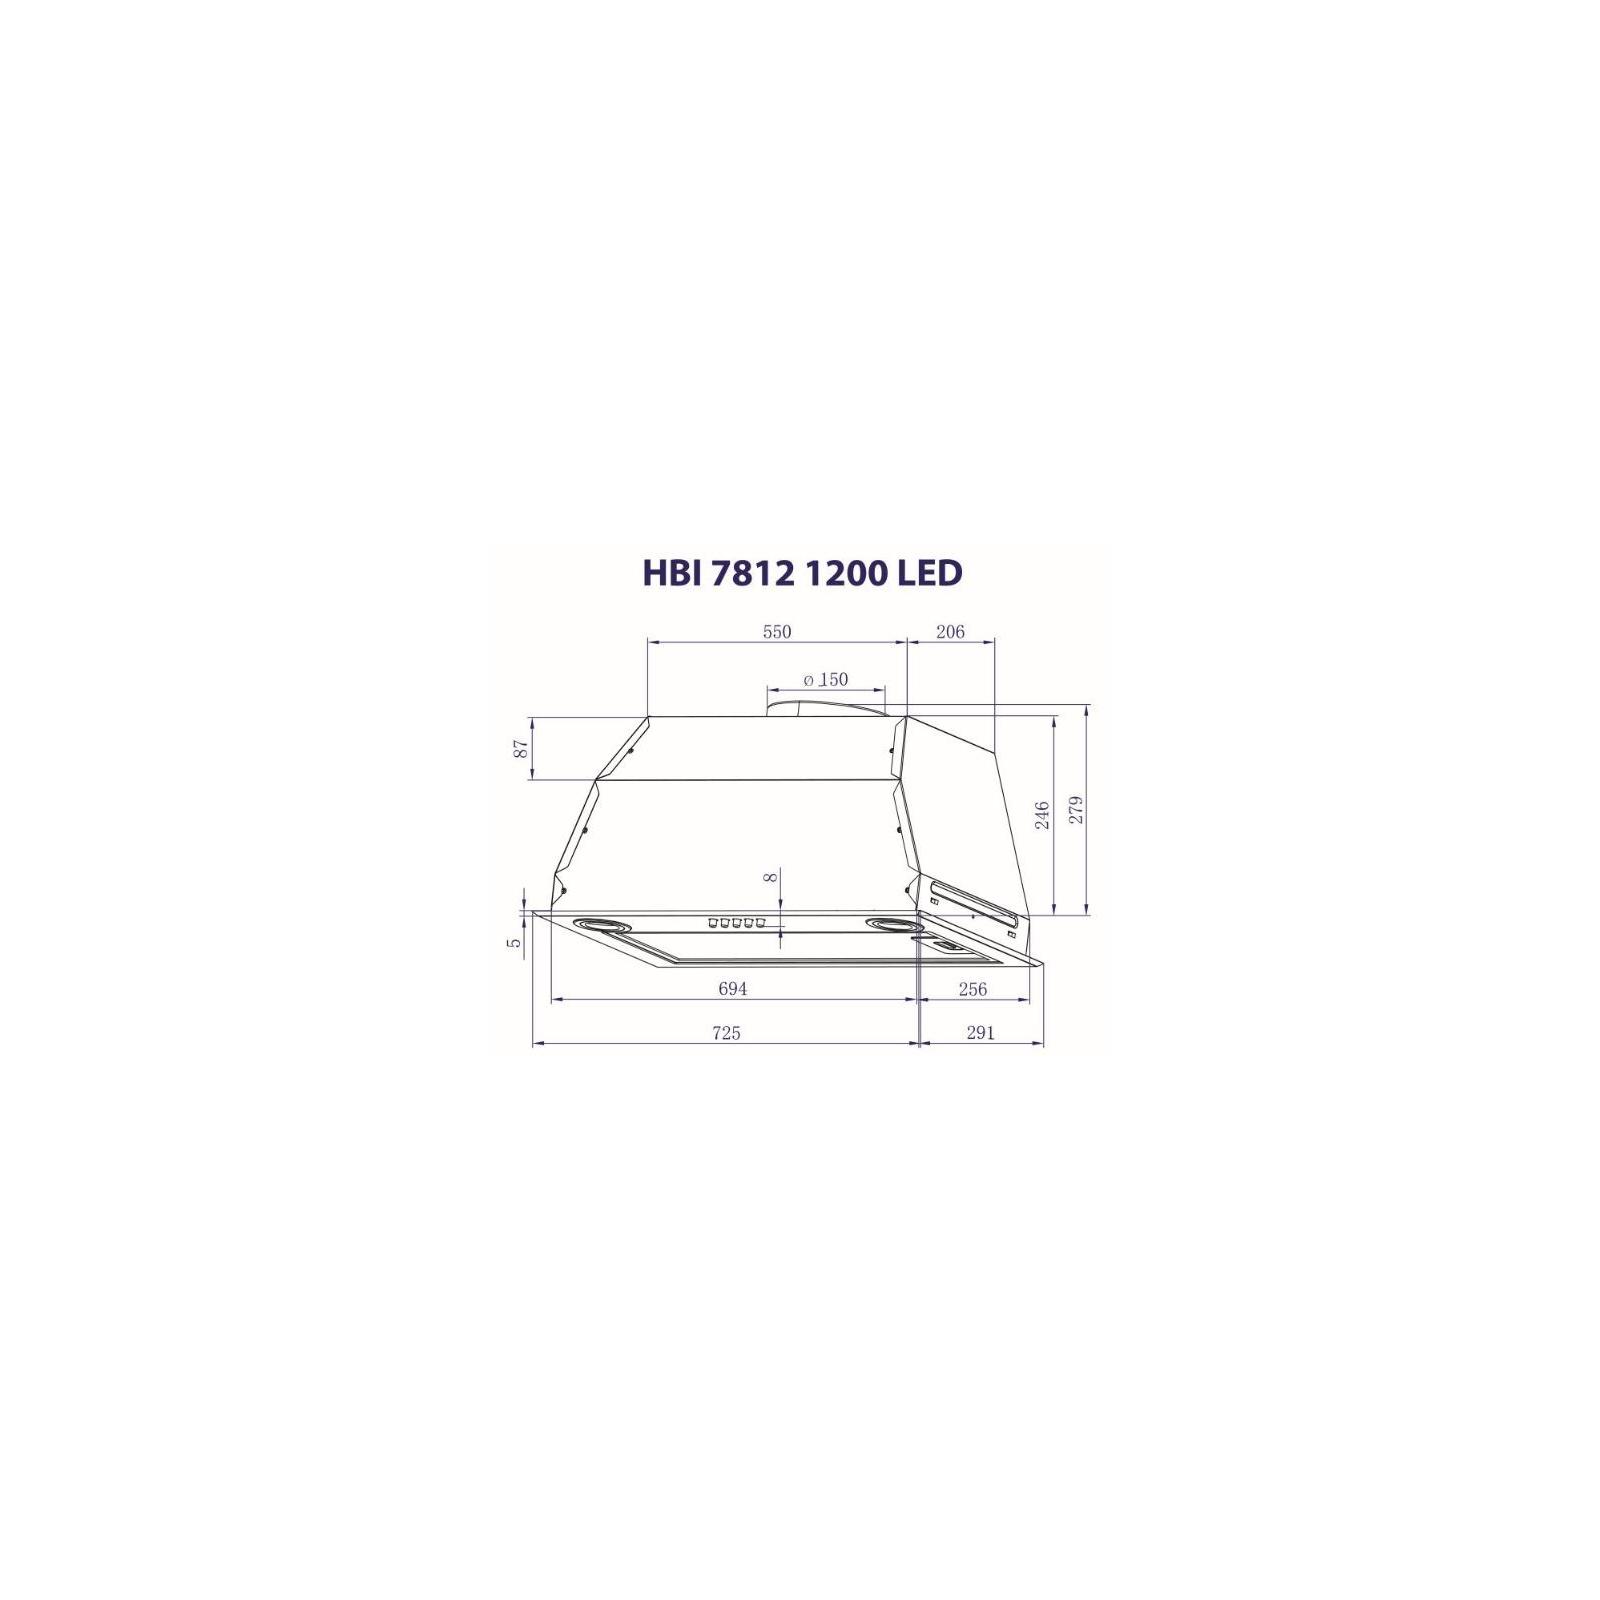 Вытяжка кухонная MINOLA HBI 7812 I 1200 LED изображение 8